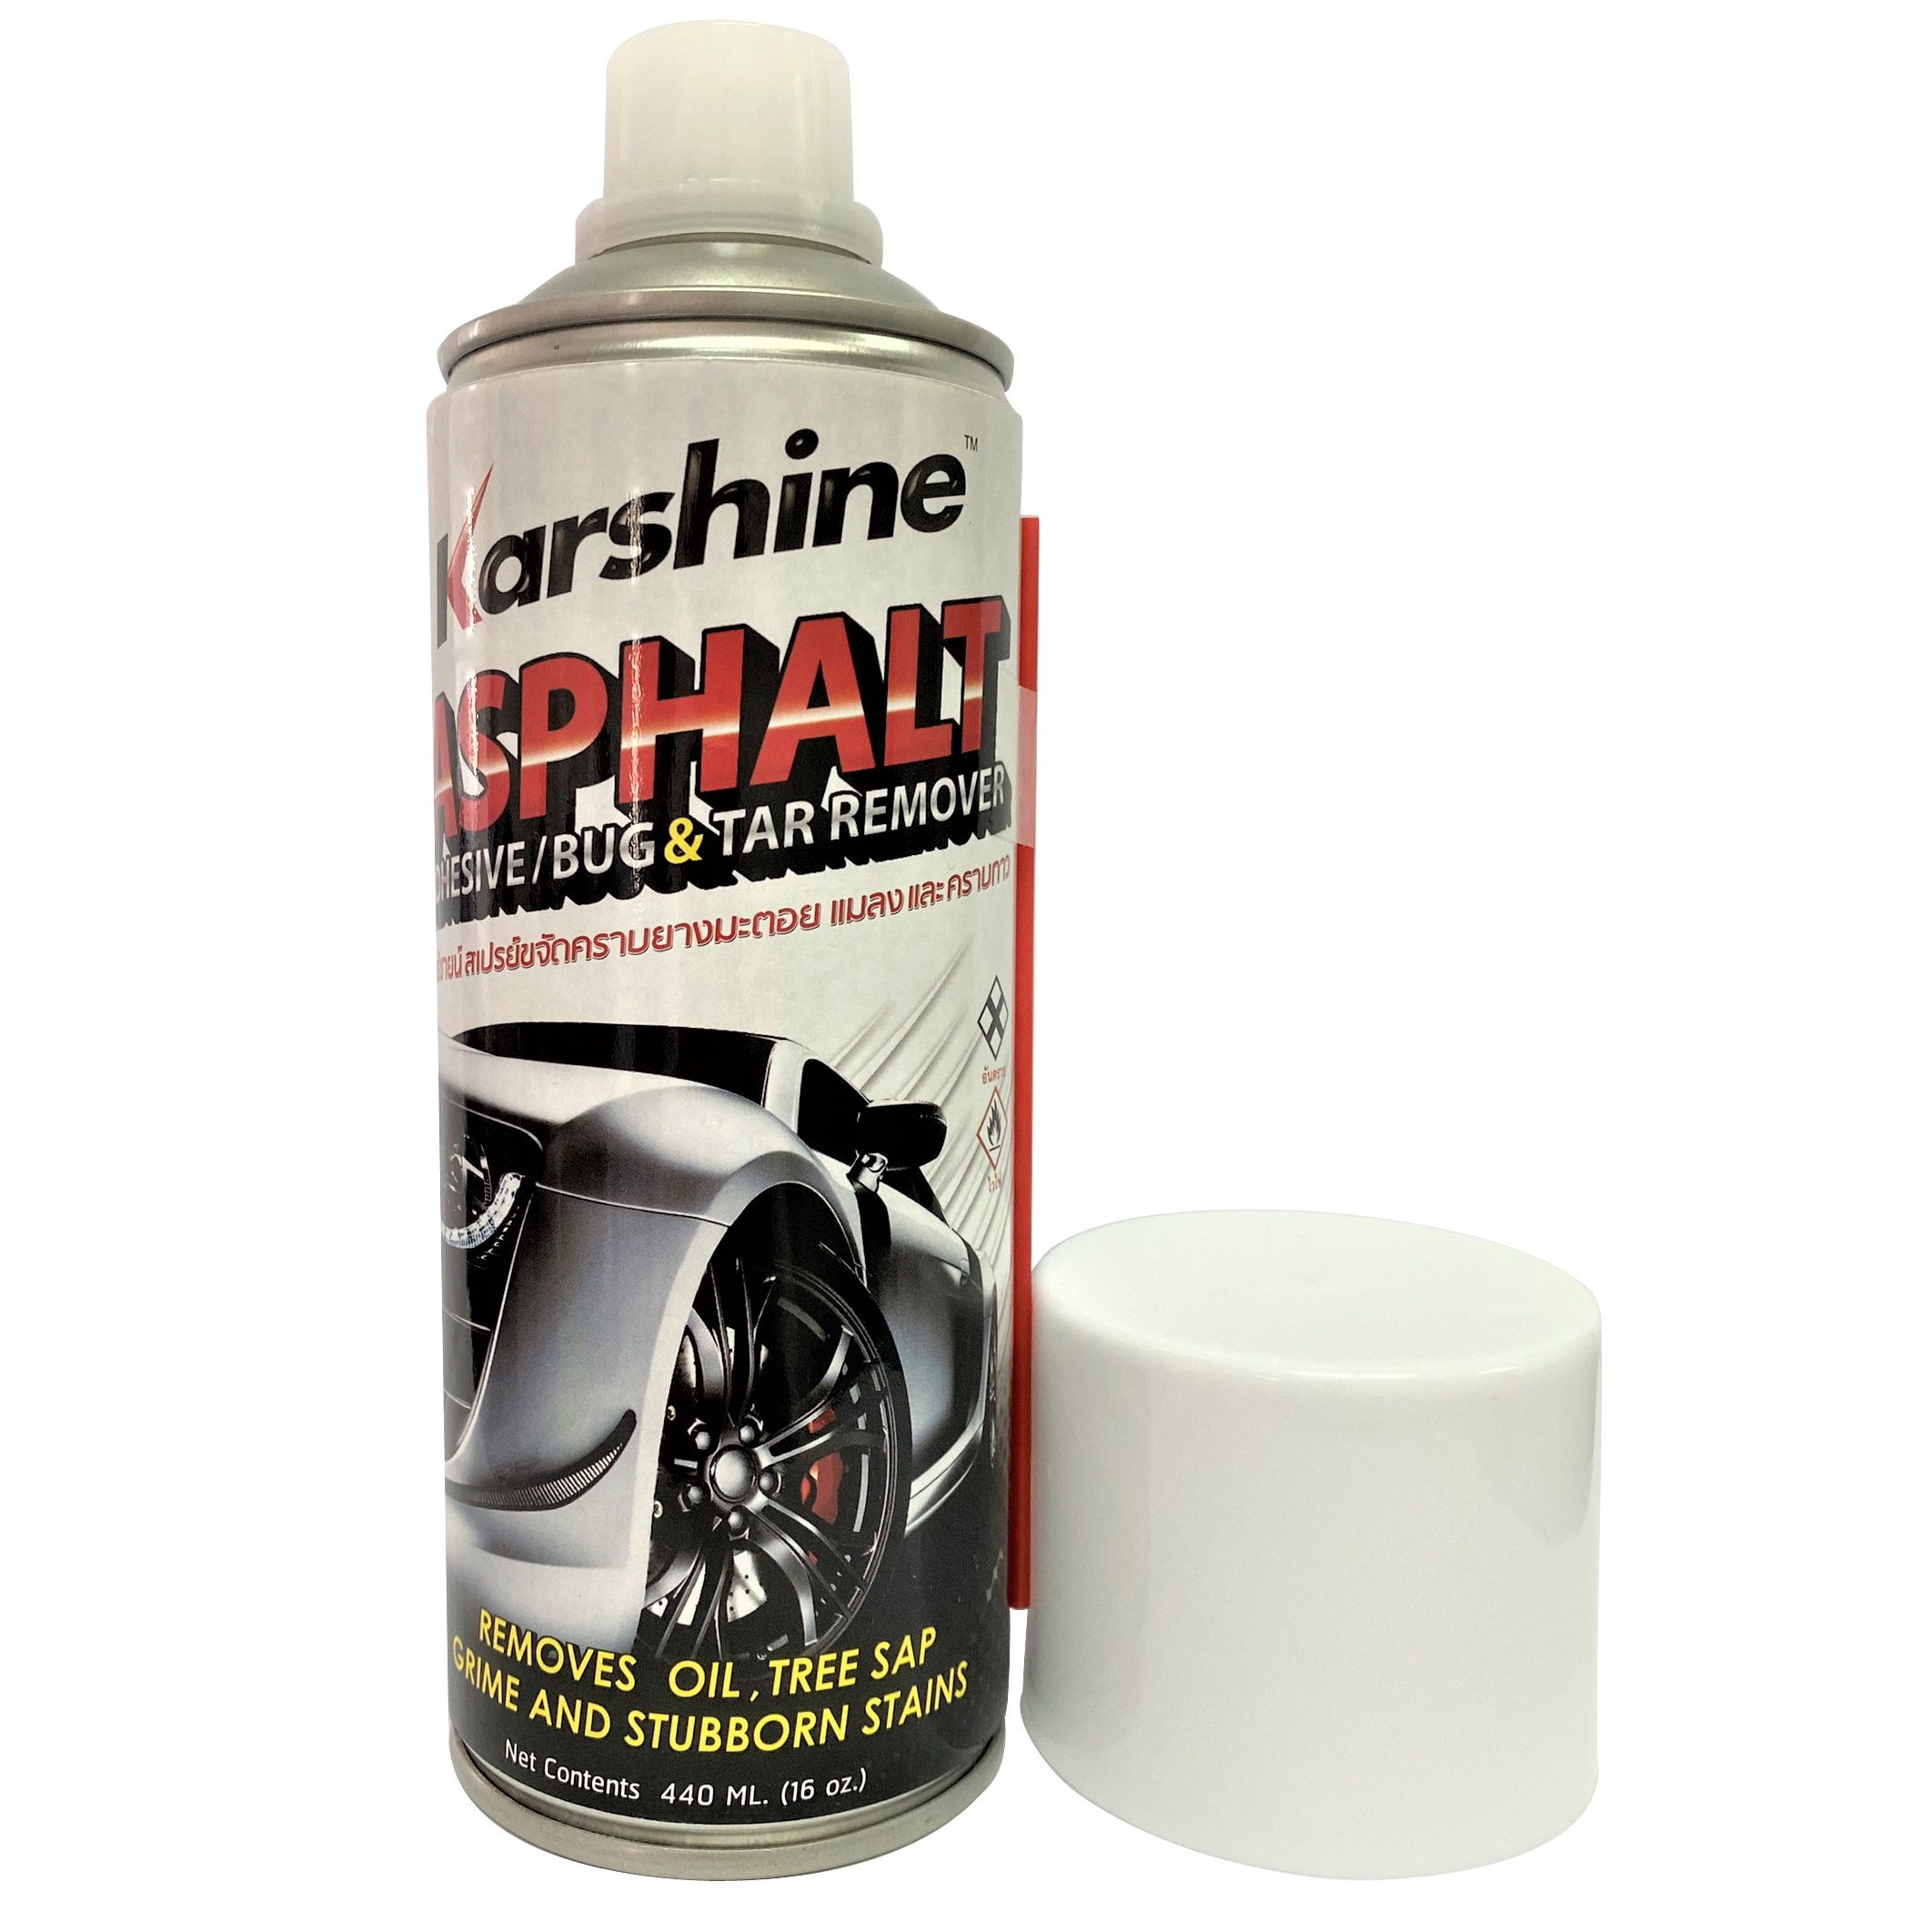 Bình xịt tẩy sạch nhựa đường, dầu, vết keo Karshine KA-RE440